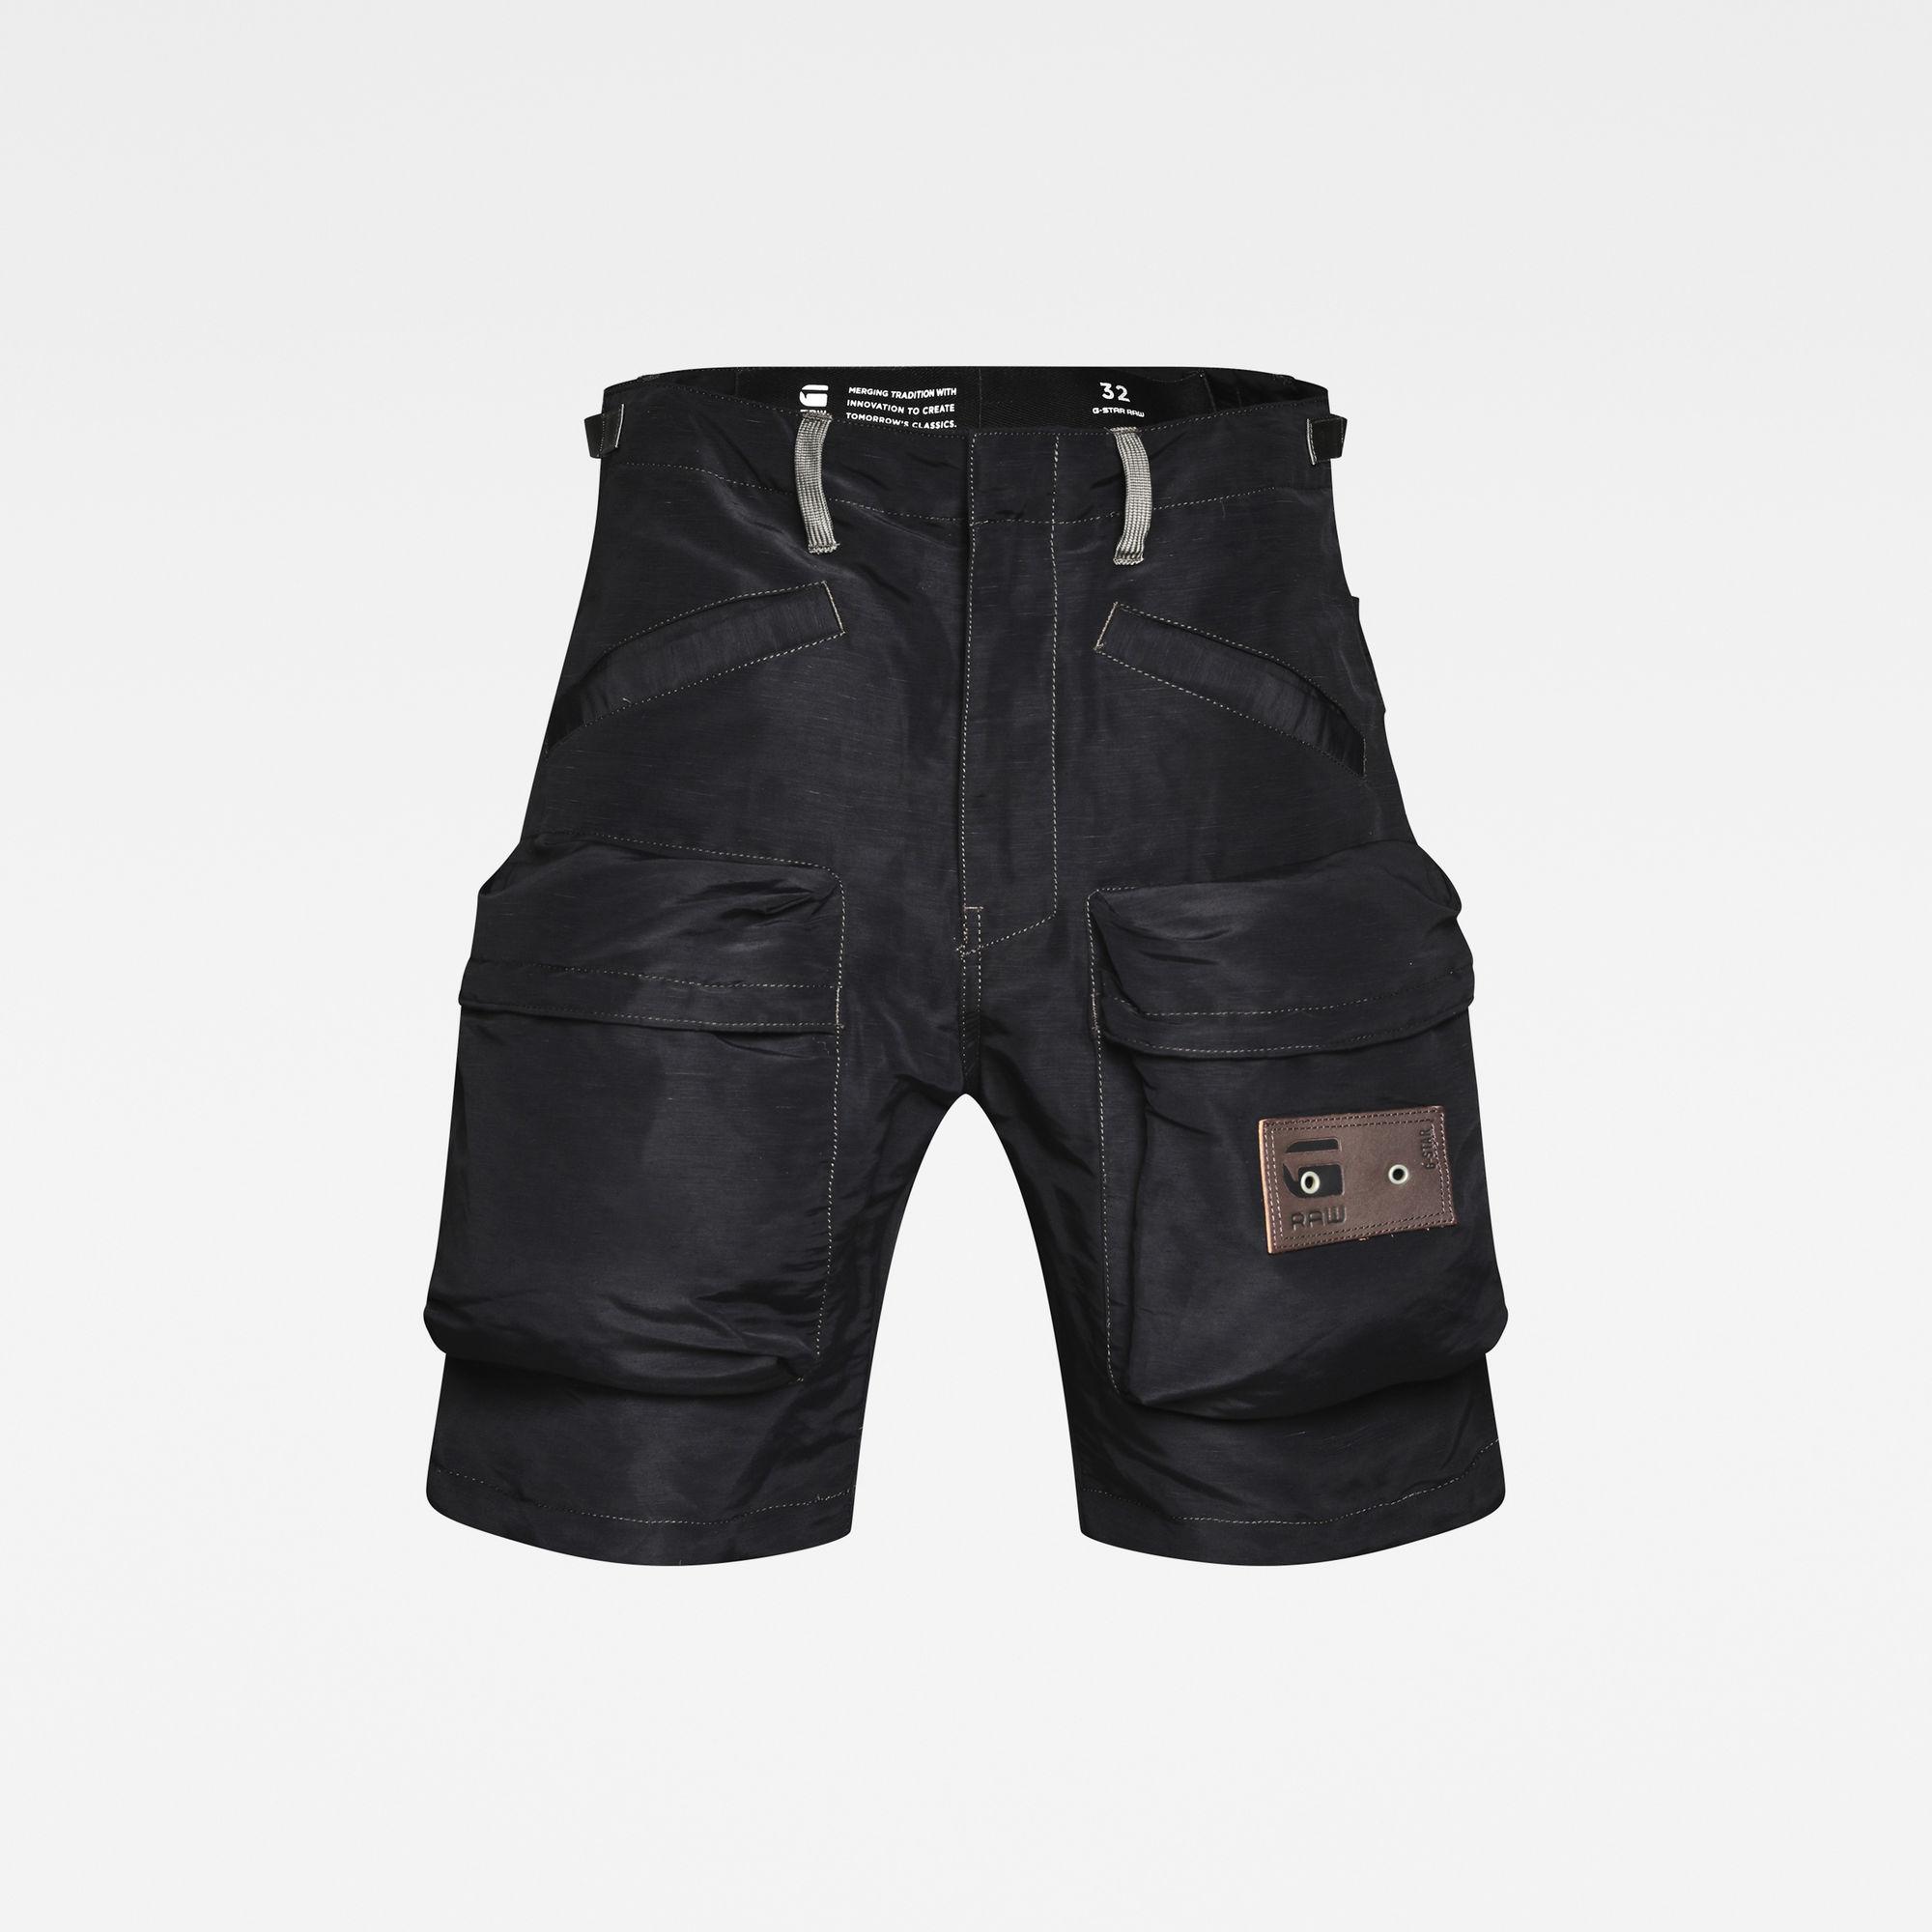 G-Star RAW Heren E Relaxed Shorts Zwart